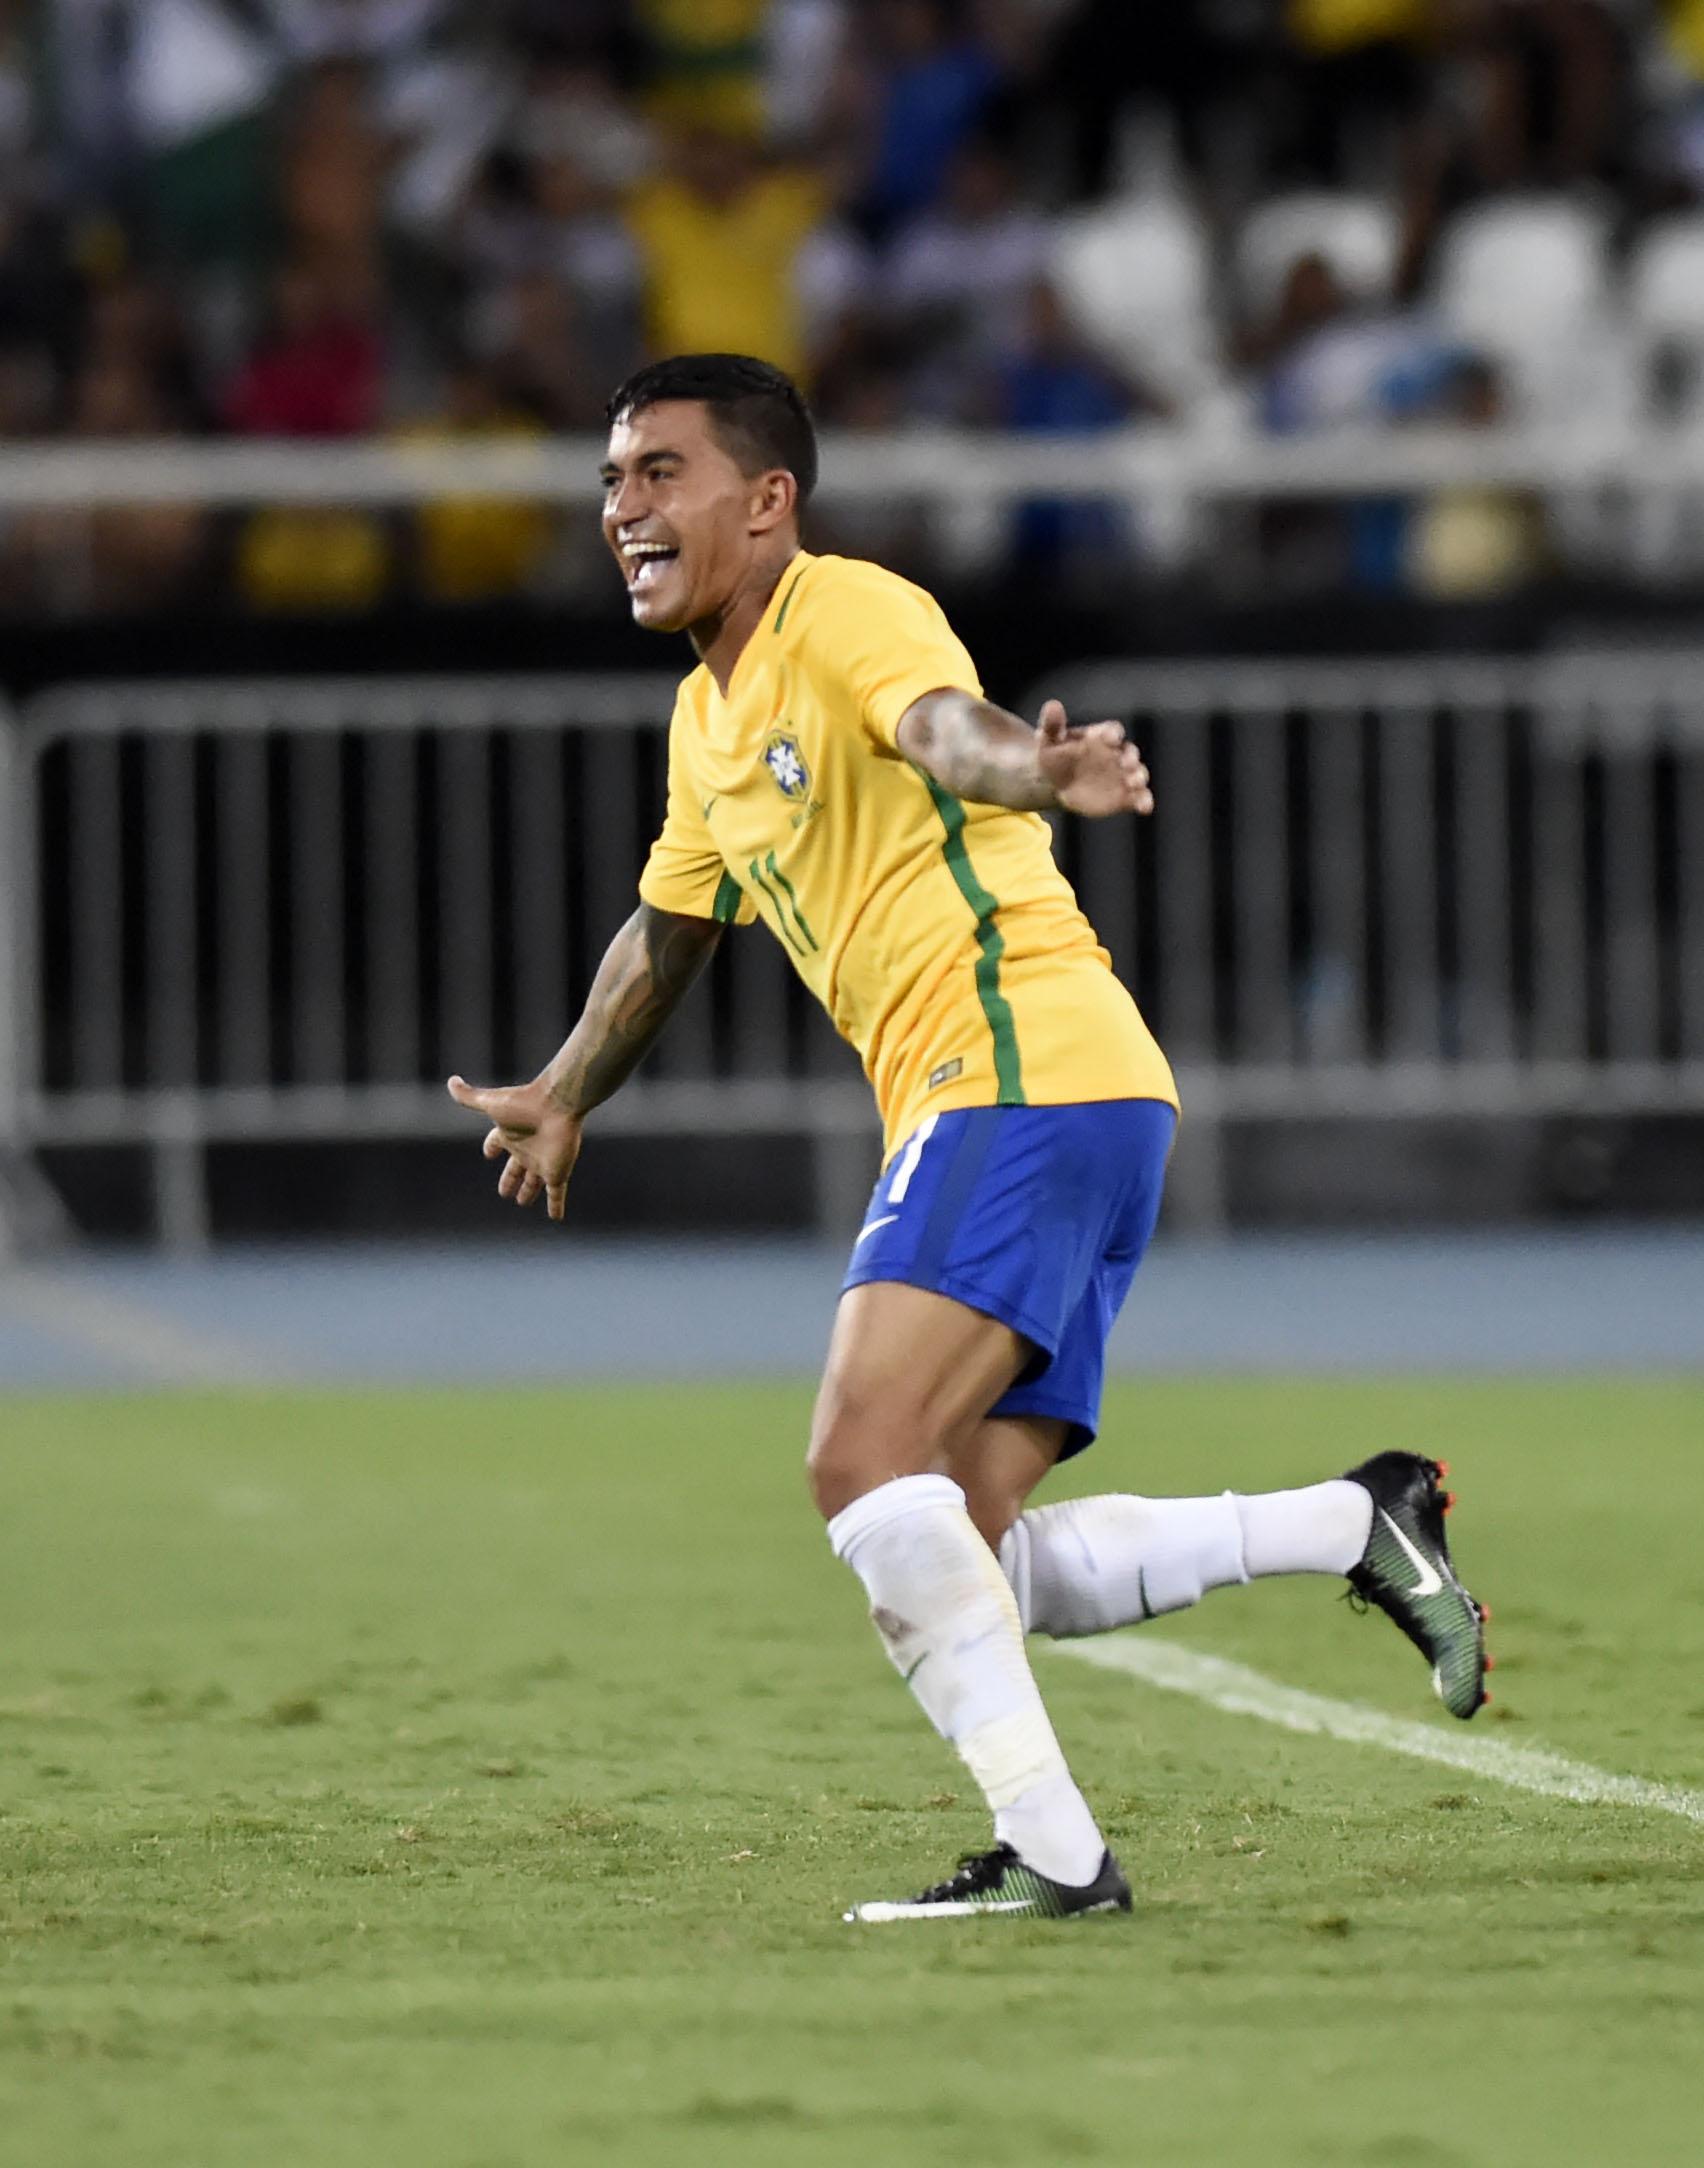 Amistoso mudou ideia de Tite sobre posição de Dudu na seleção brasileira 6084aa80d998c